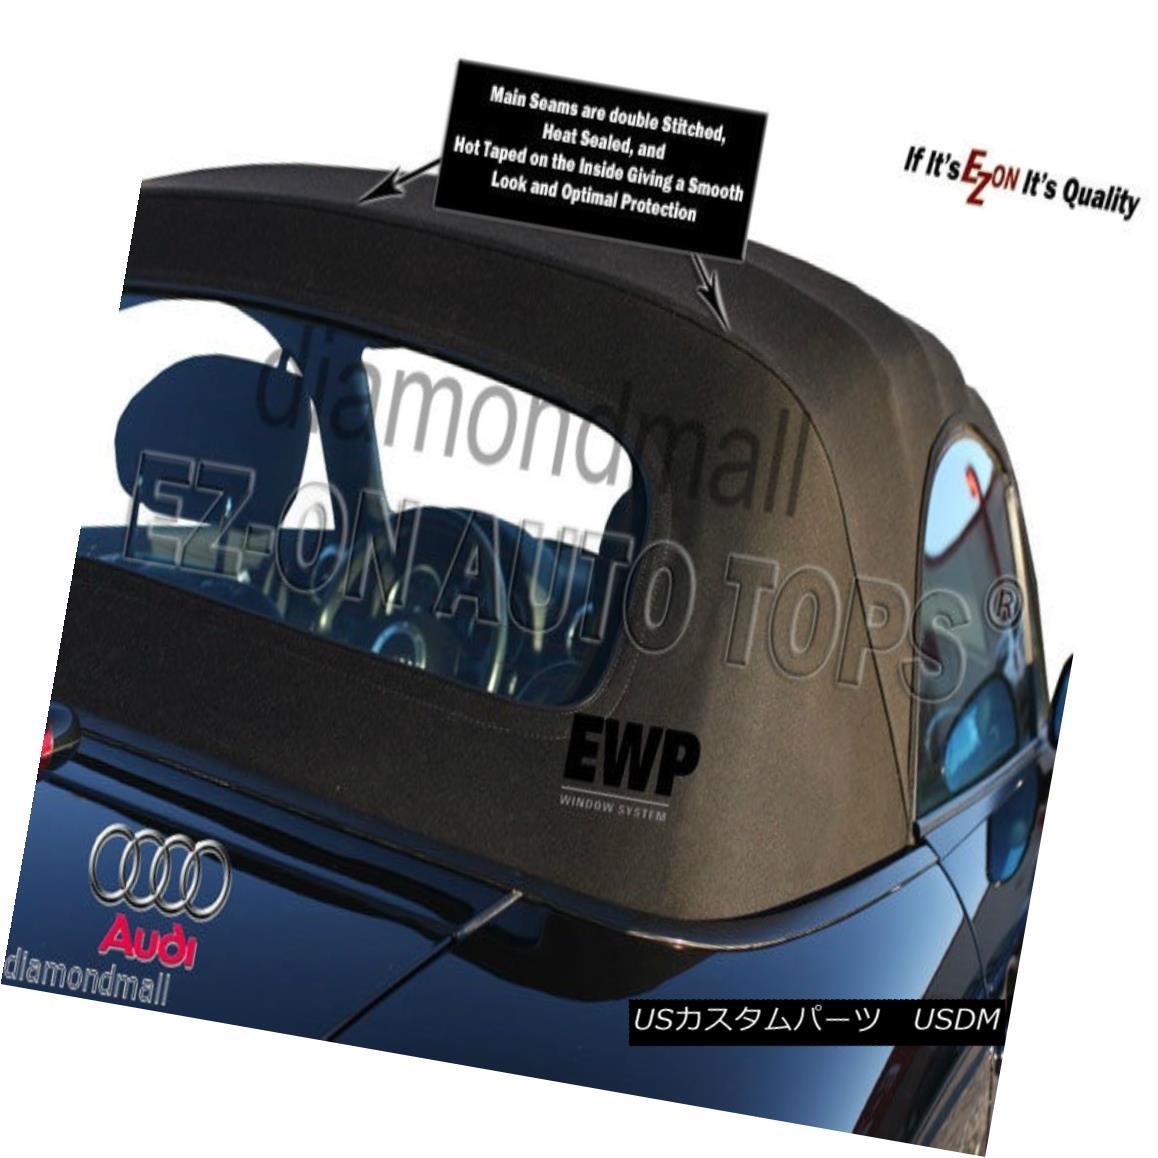 幌・ソフトトップ E-Z ON Audi TT 2000-05 Convertible Soft Top Replacement BLUE GERMAN A5 CANVAS E-Z ONアウディTT 2000-05コンバーチブルソフトトップ交換BLUE GERMAN A5 CANVAS